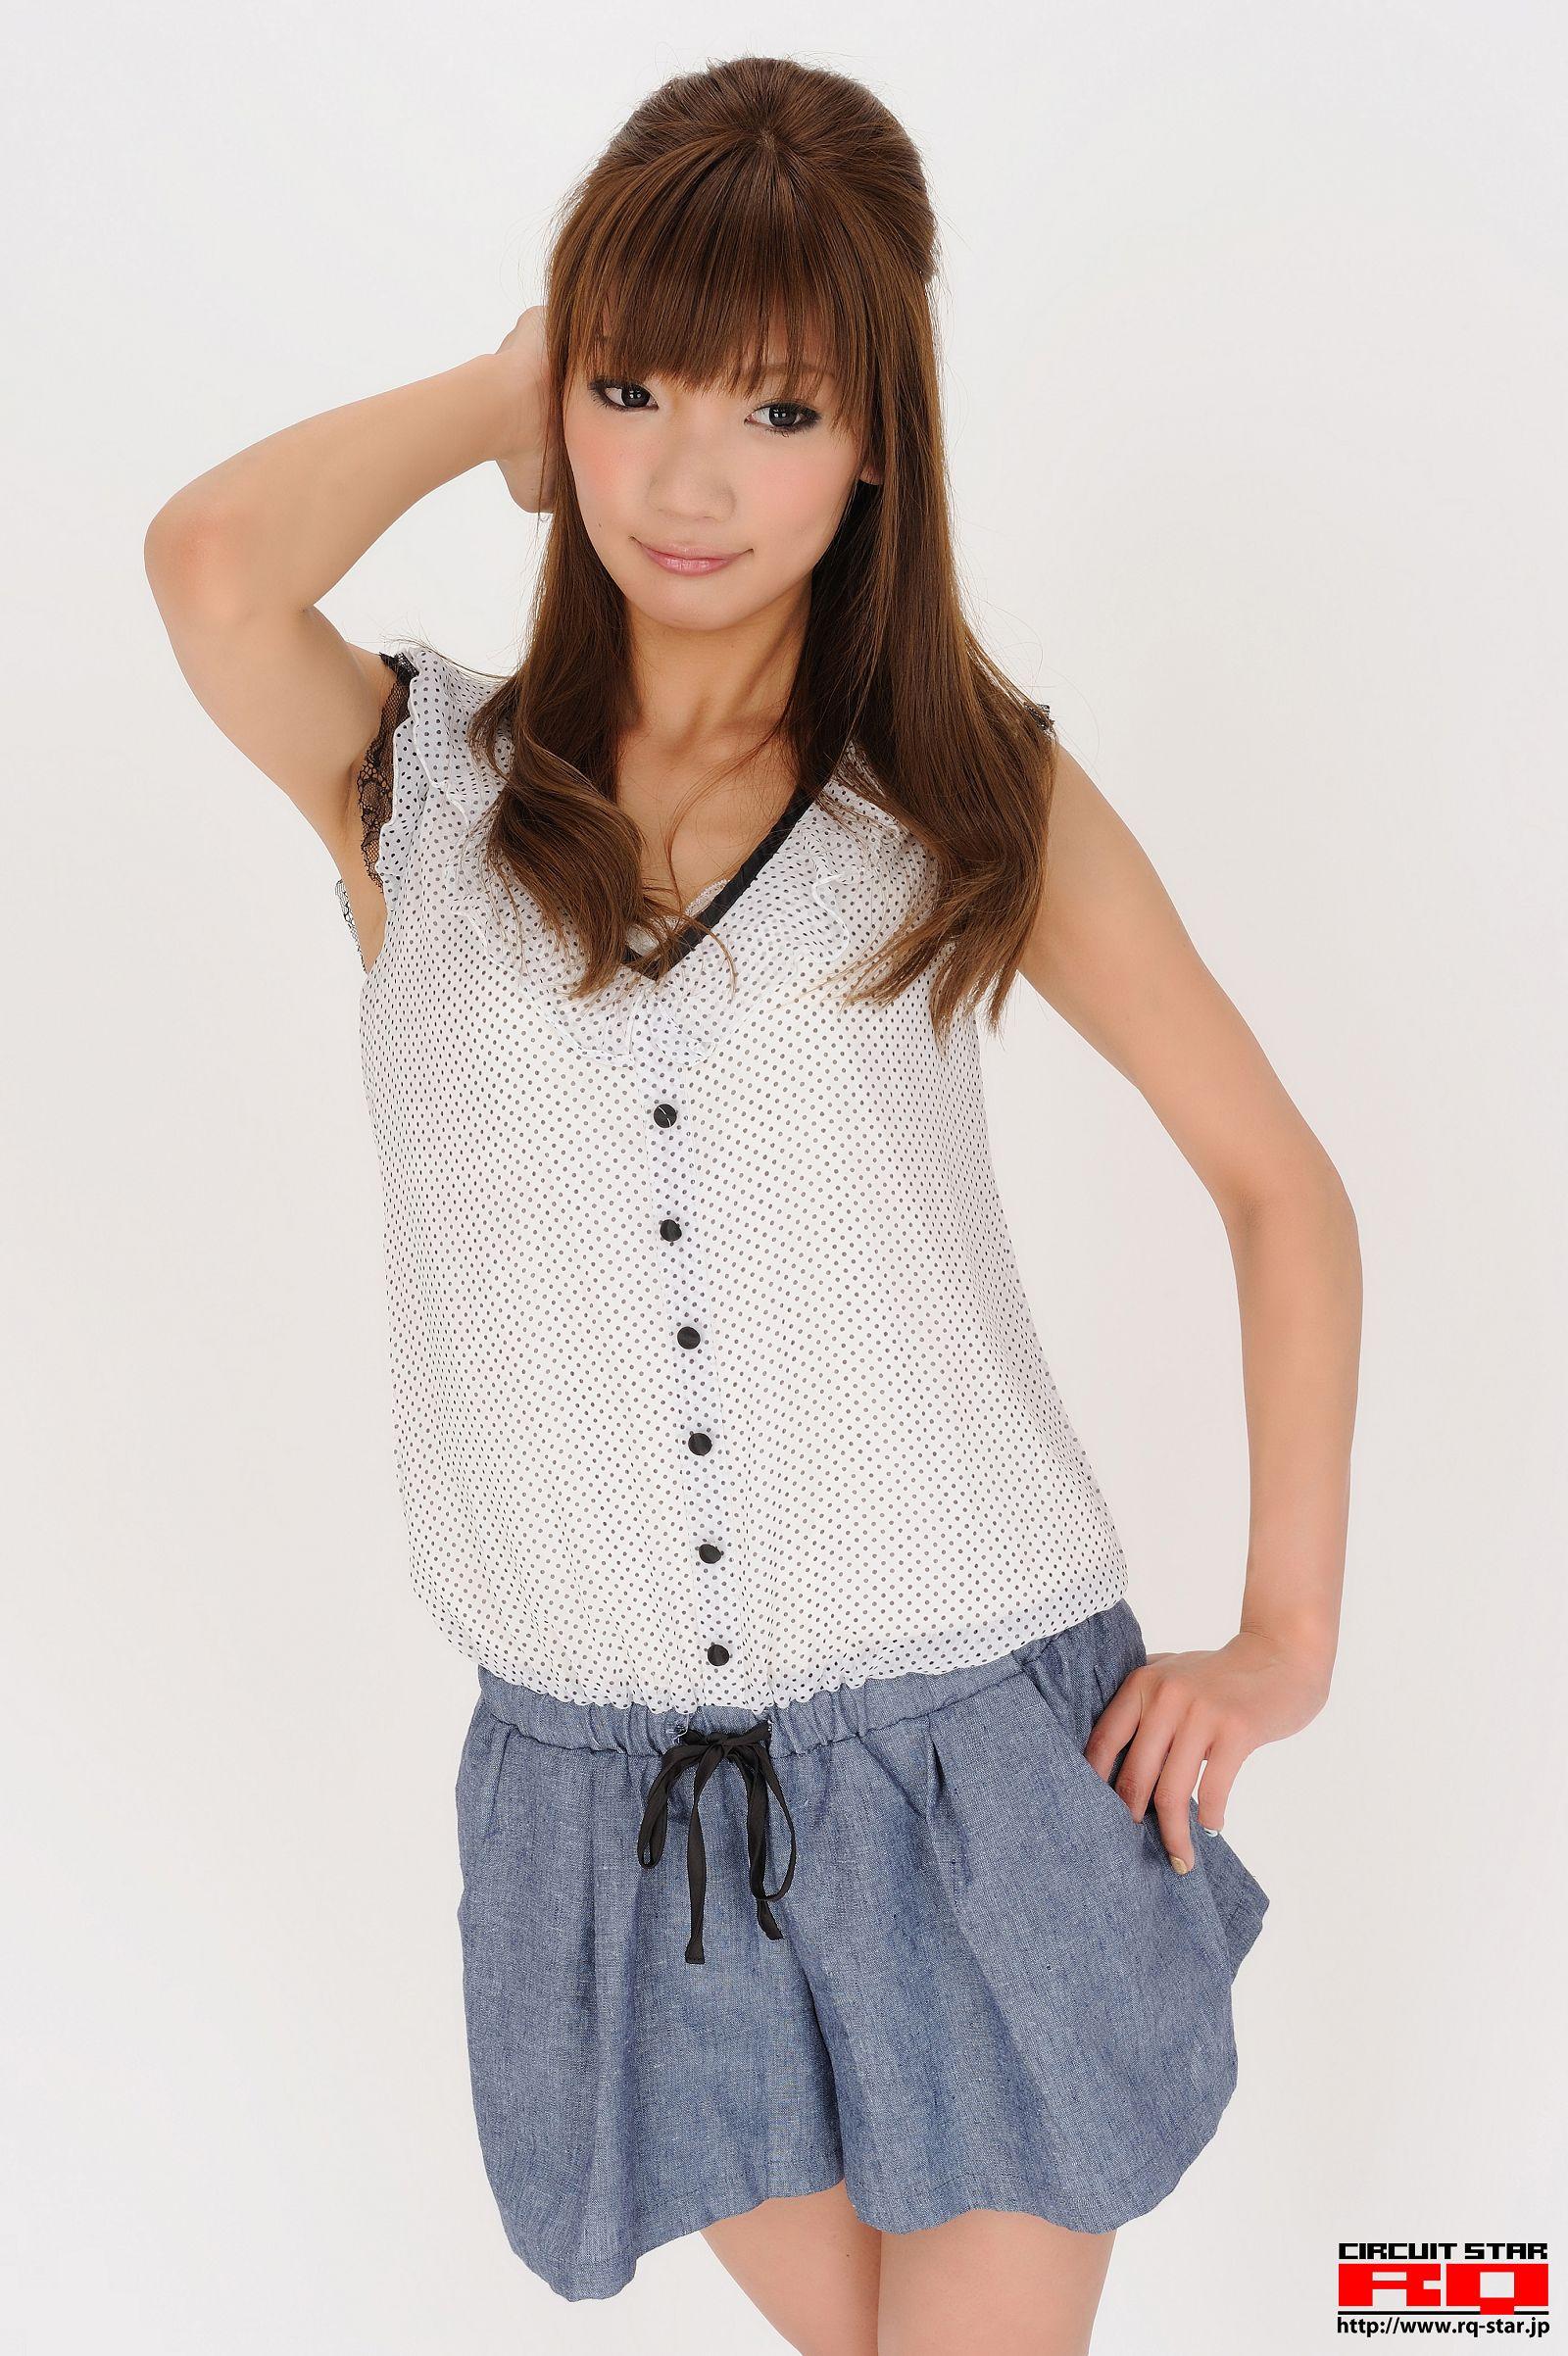 [RQ STAR美女] NO.0296 Junko Maya 真野淳子 Private Dress[60P] RQ STAR 第2张